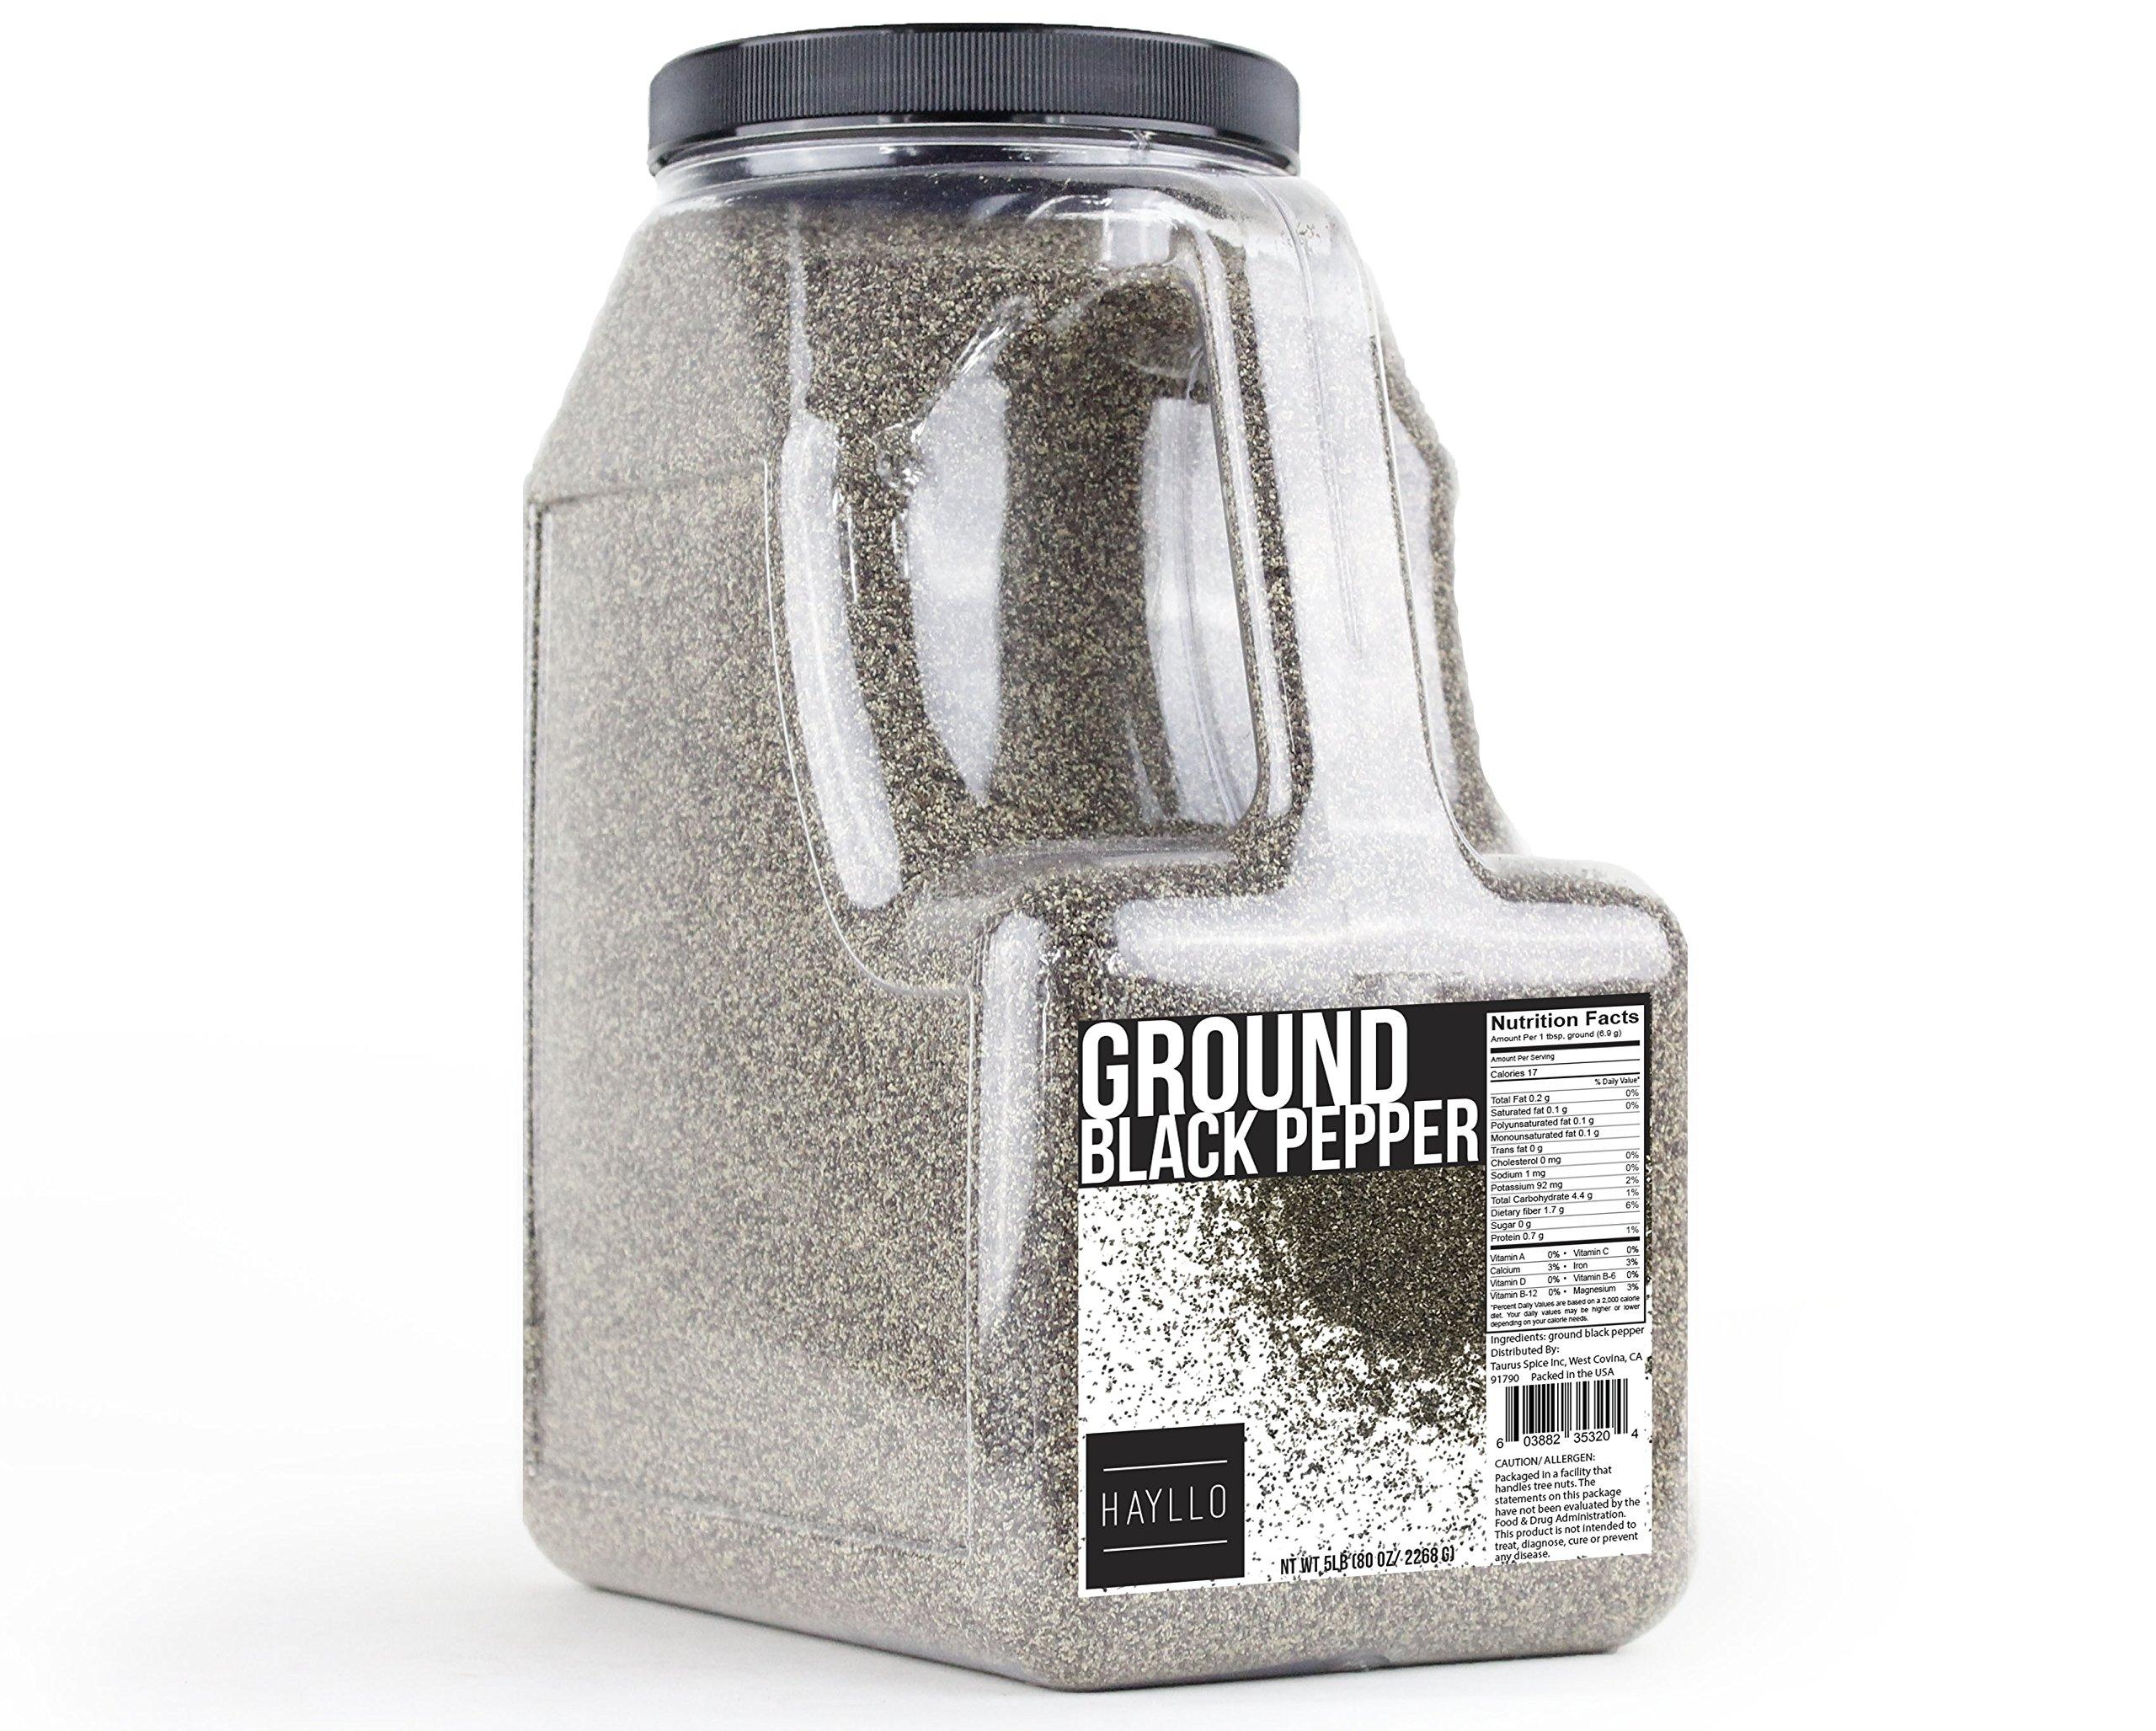 Hayllo Ground Black Pepper , 5 Pound by Hayllo (Image #1)